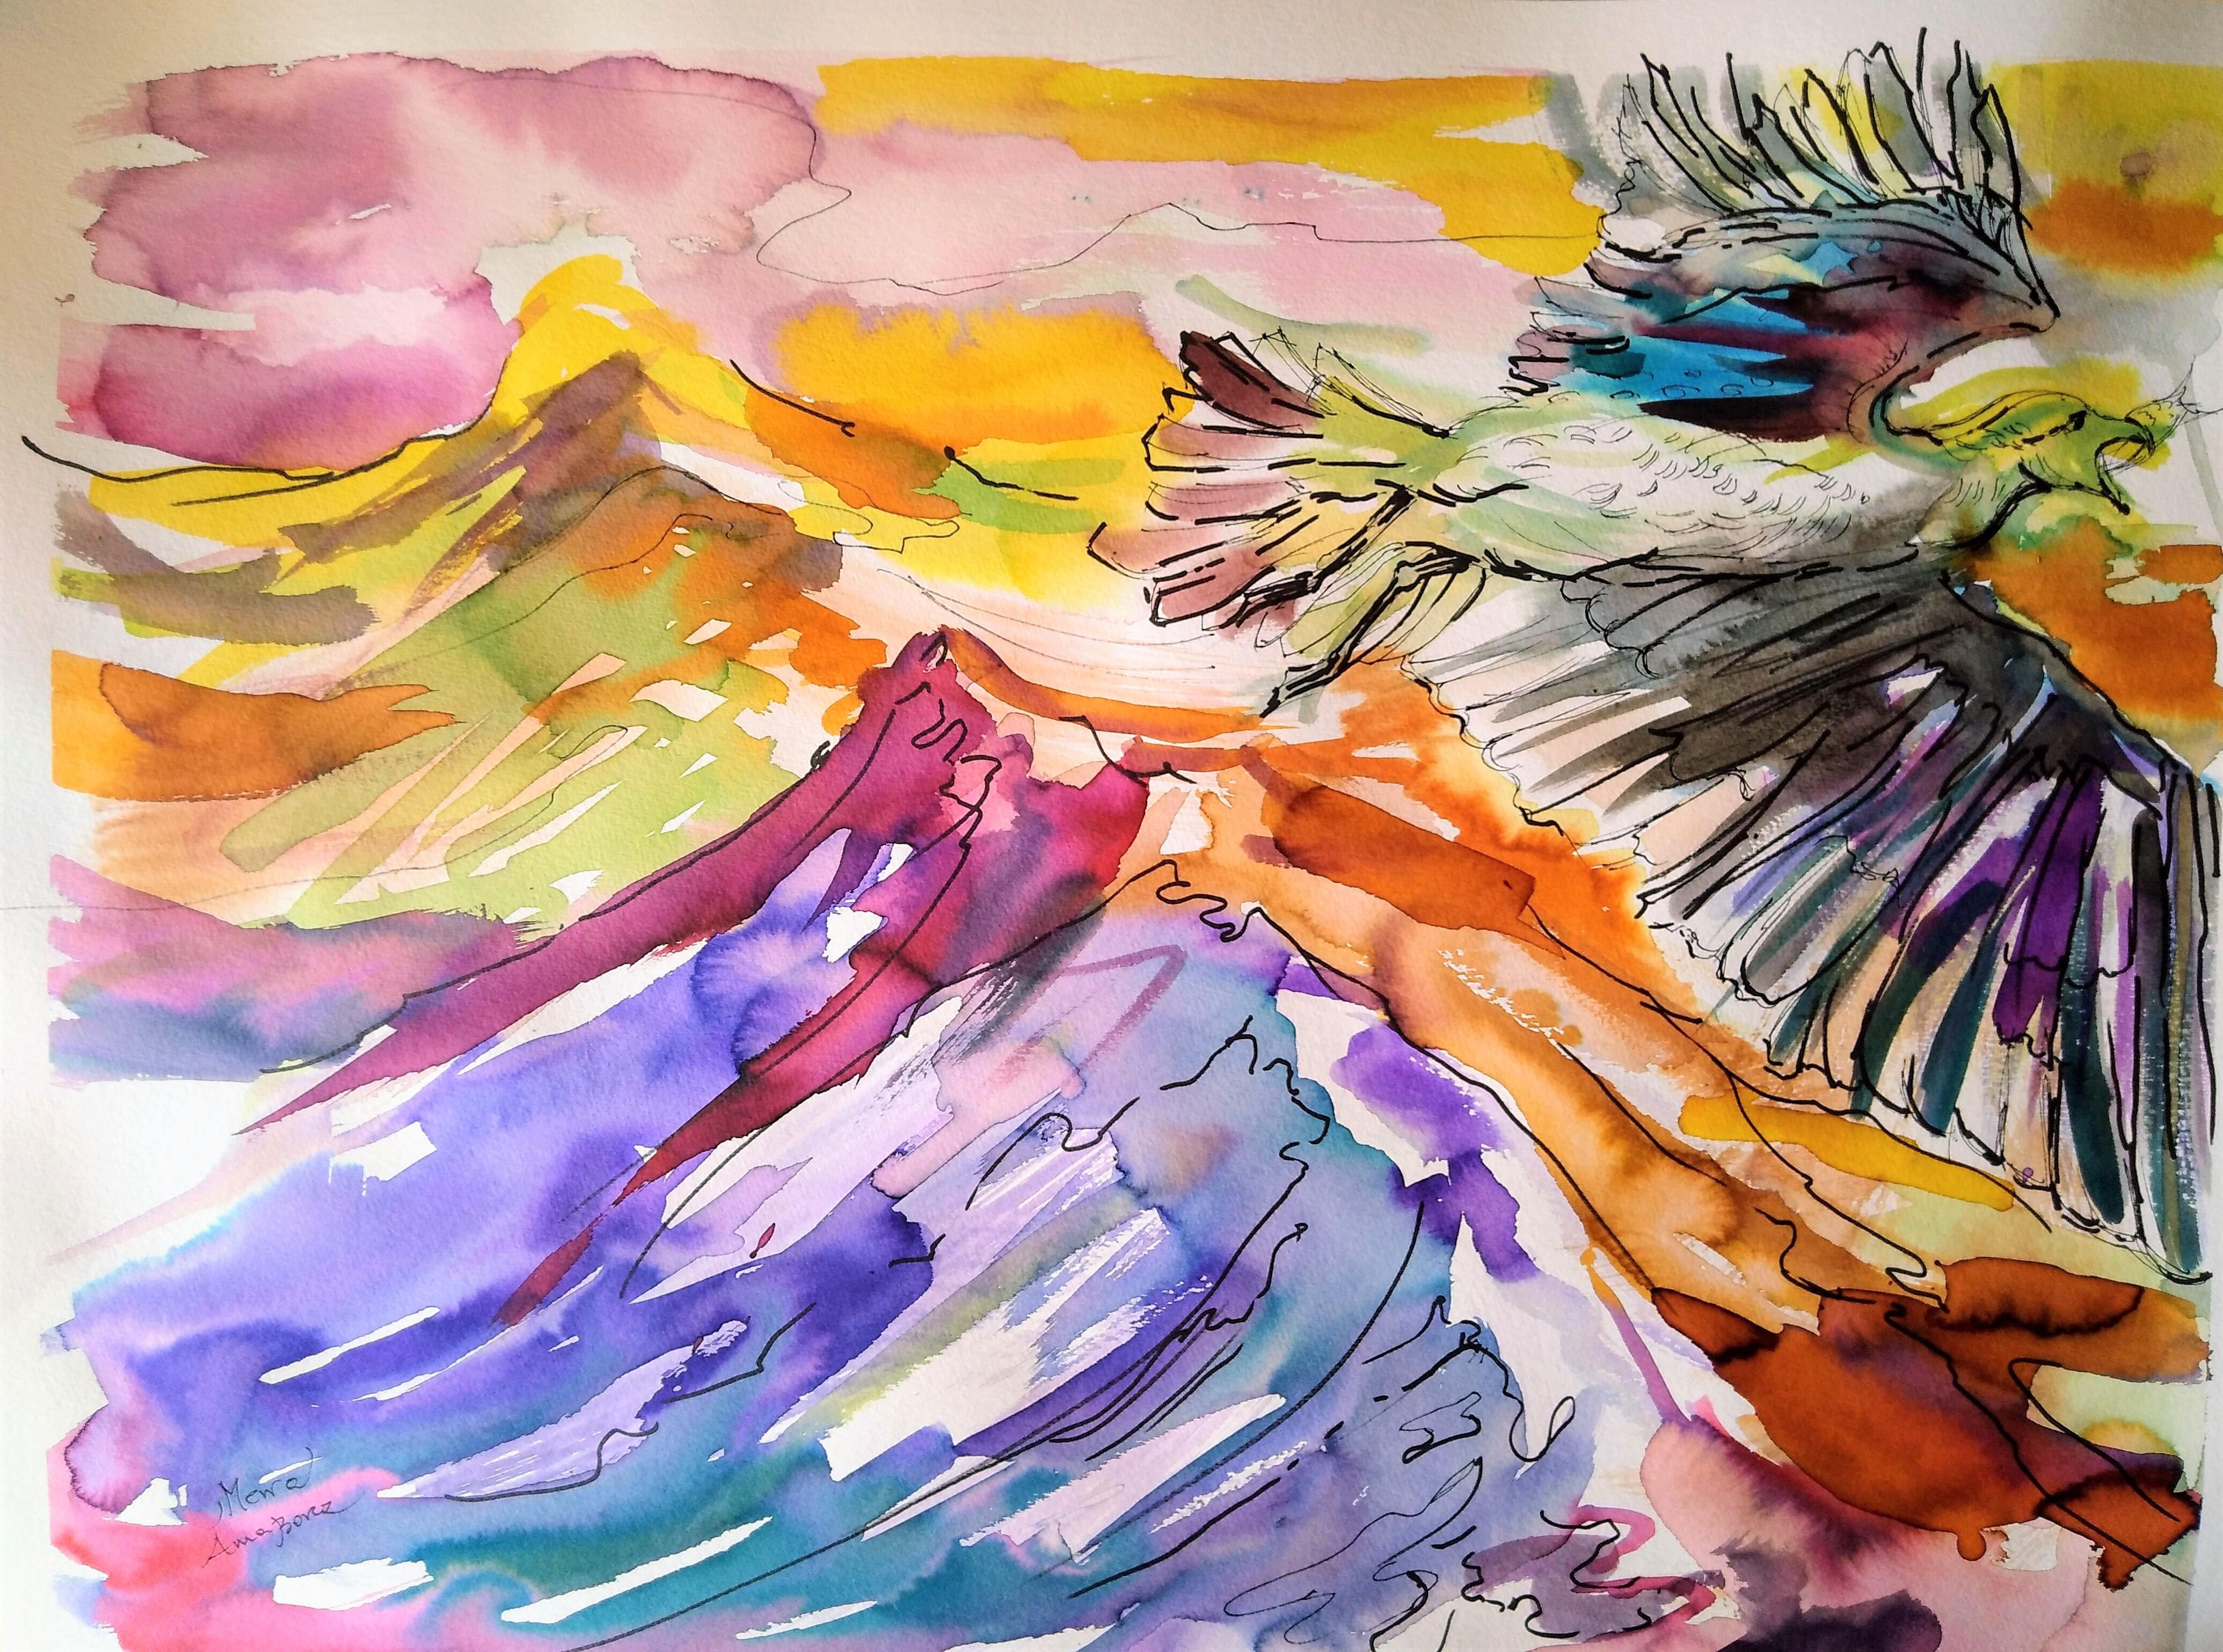 MEWA 50 x 65 cm, barwne tusze i akwarela